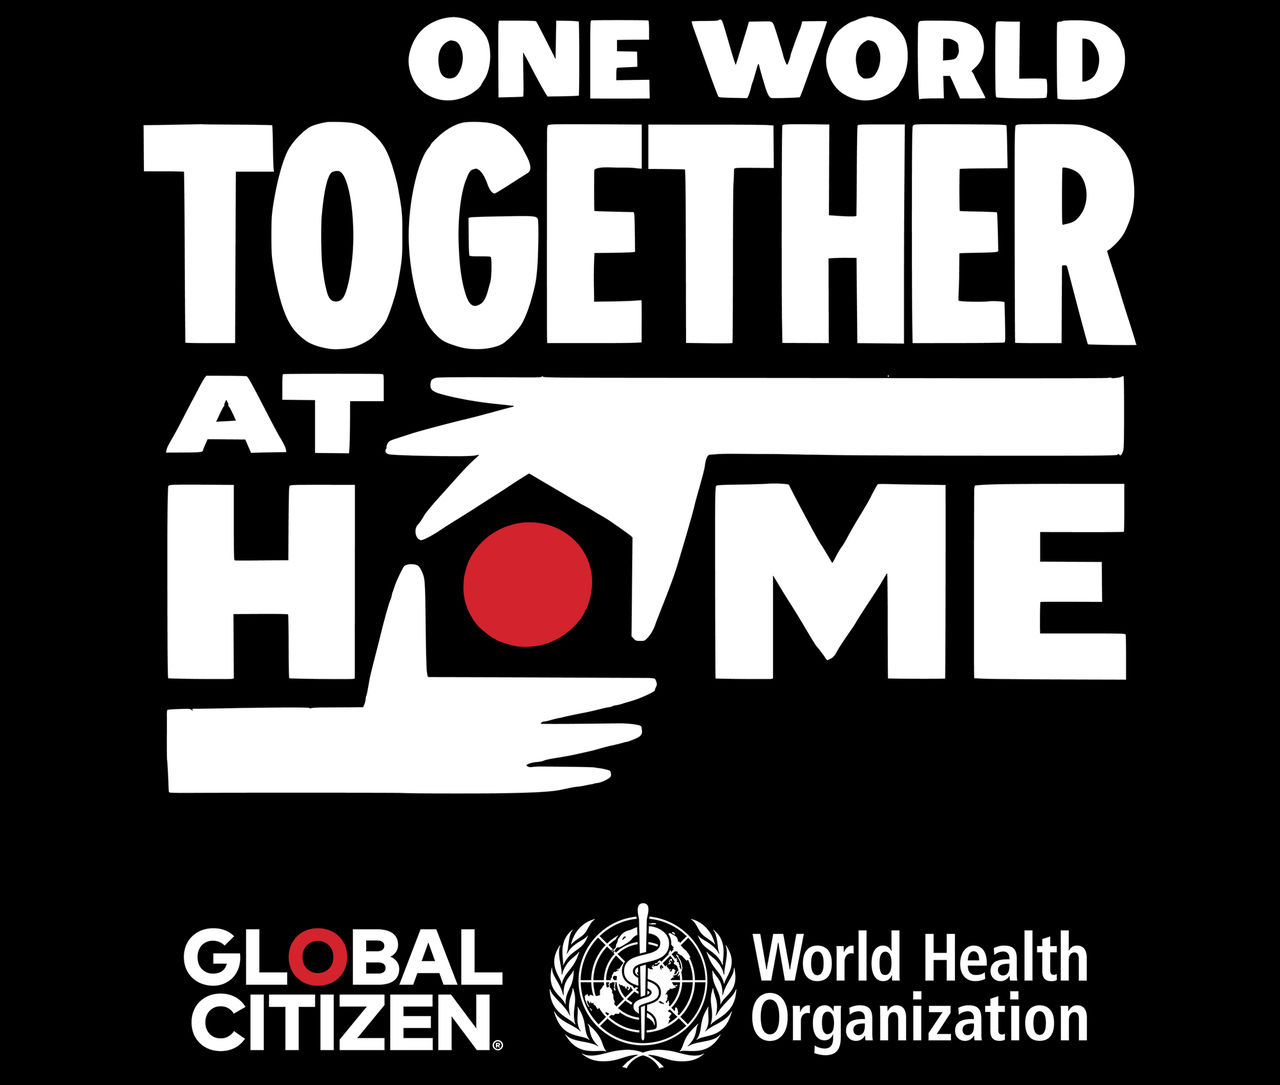 One World Together At Home drog in nästan 1,3 miljarder kronor